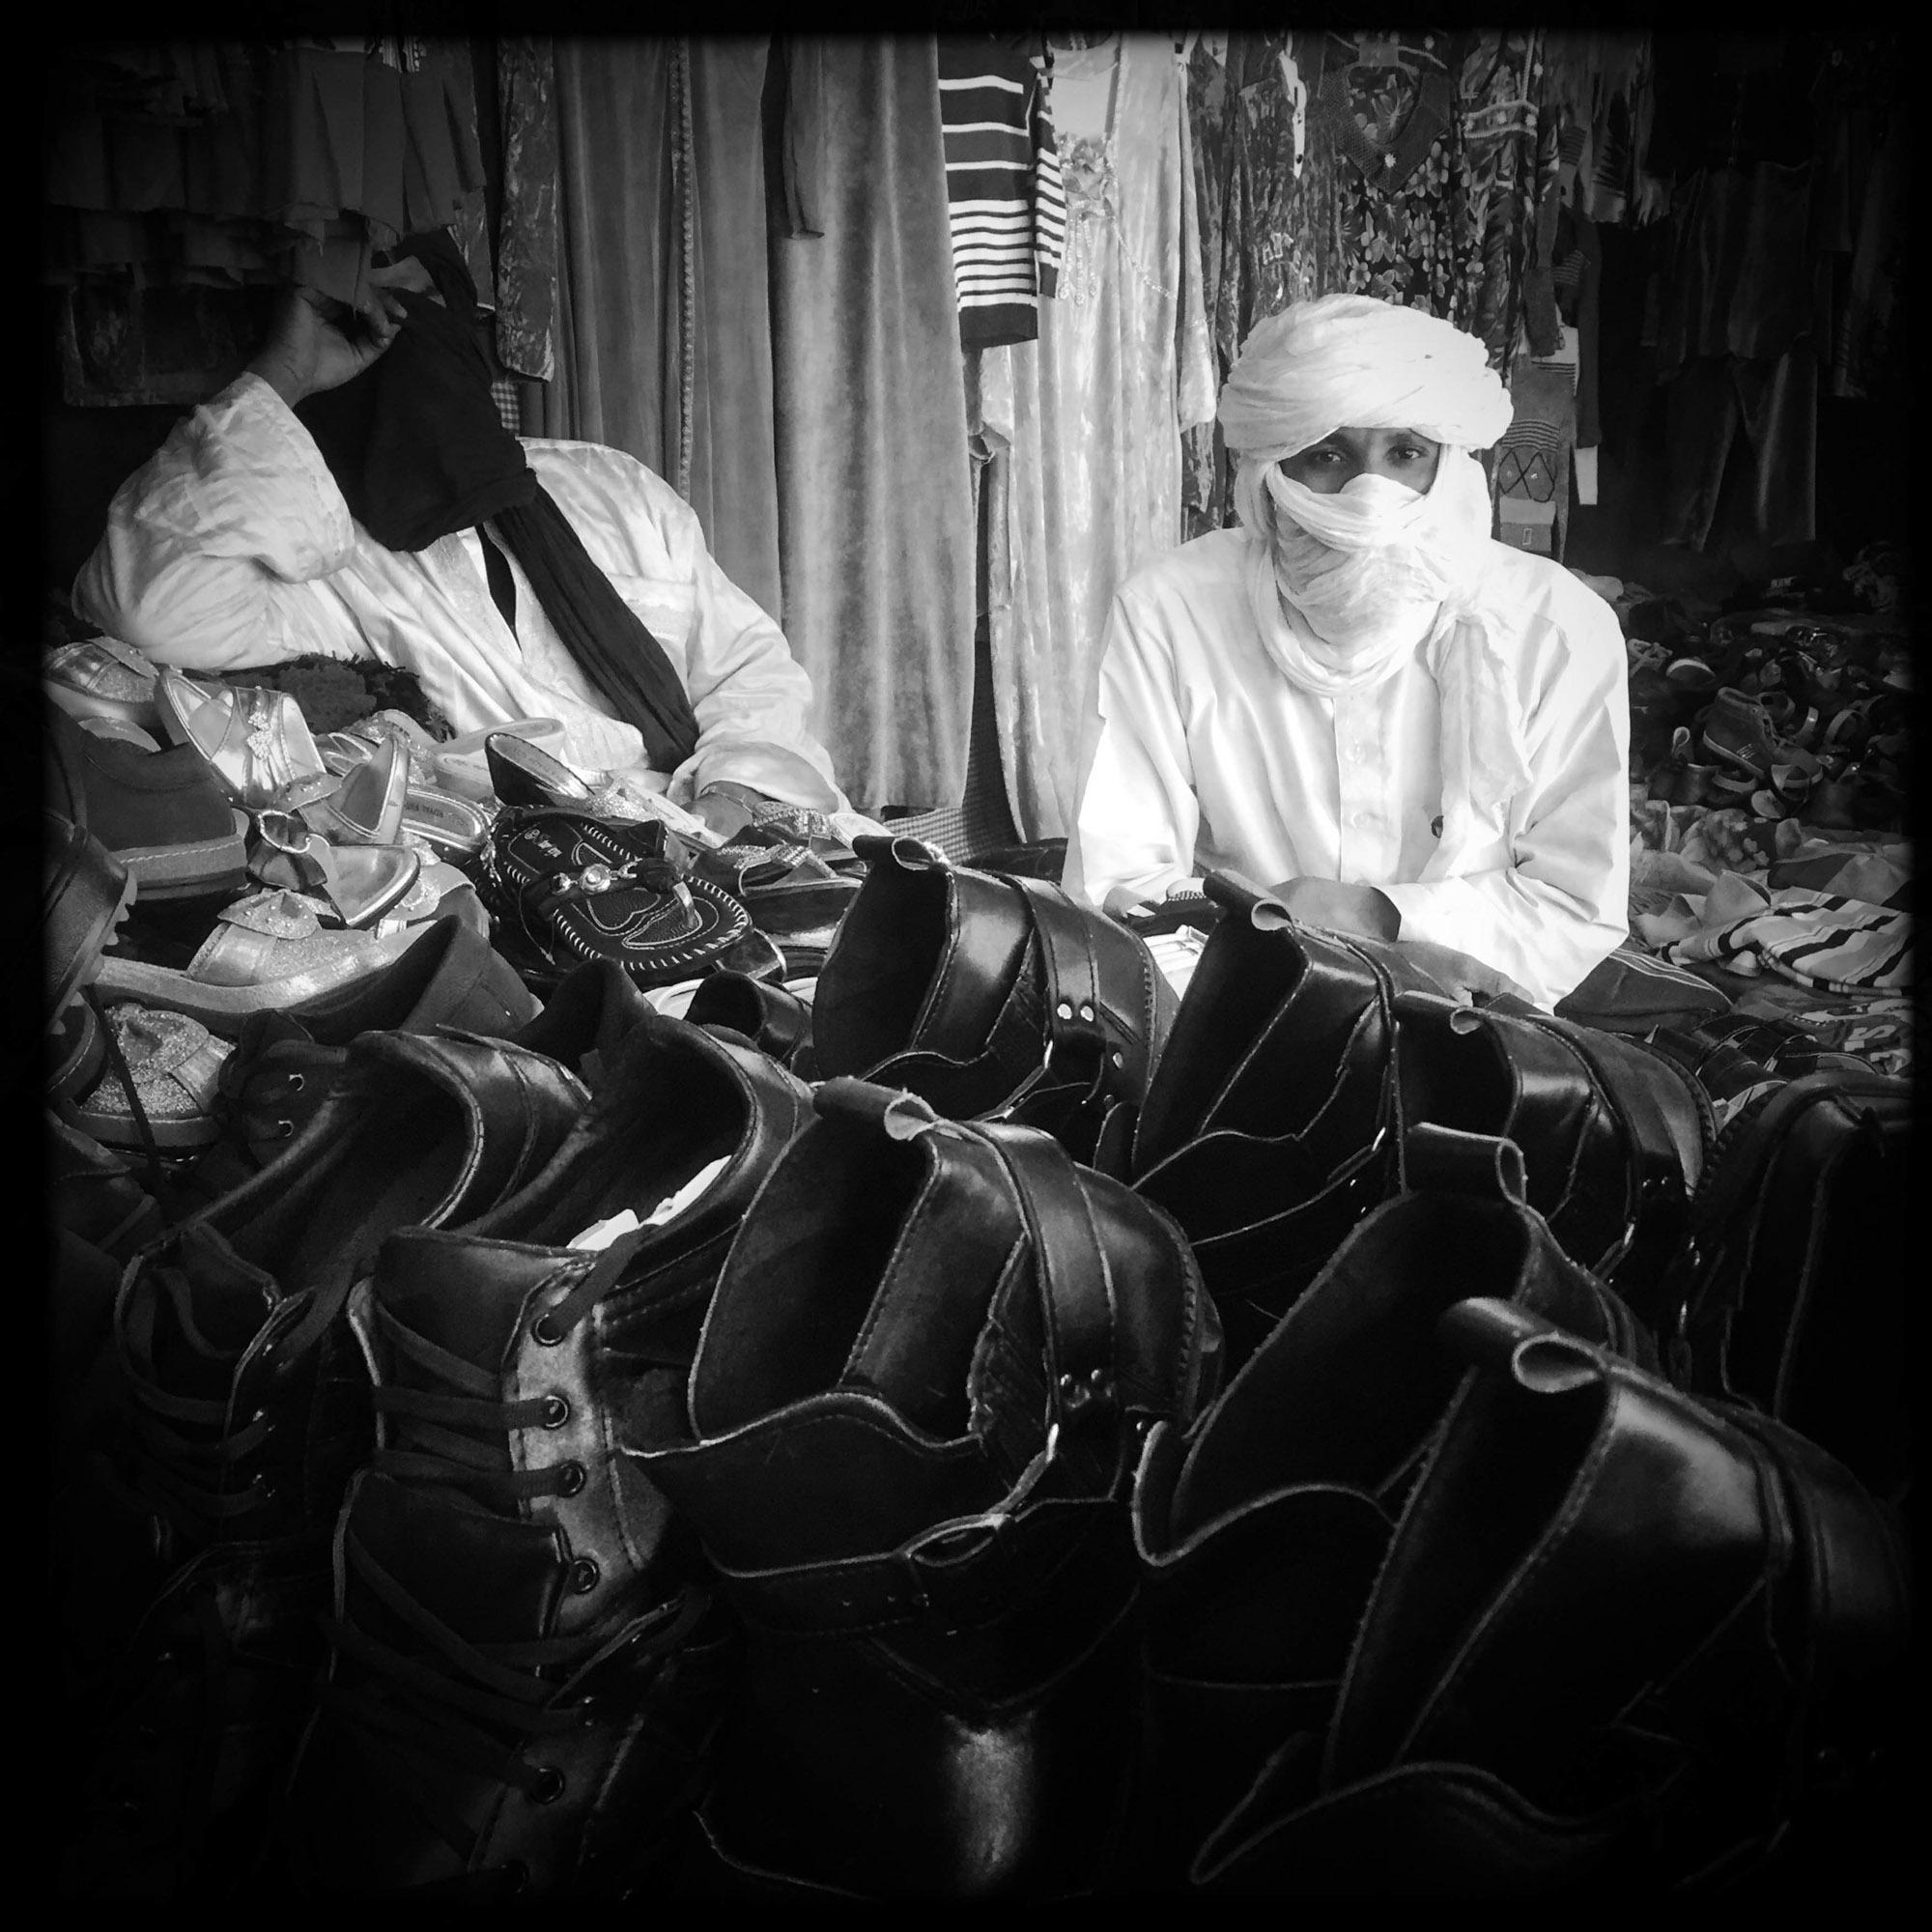 Dans un marché de Tamanrasset, un vendeur de chaussures Touareg. 5/02/2016, Tamanrasset-Algérie.